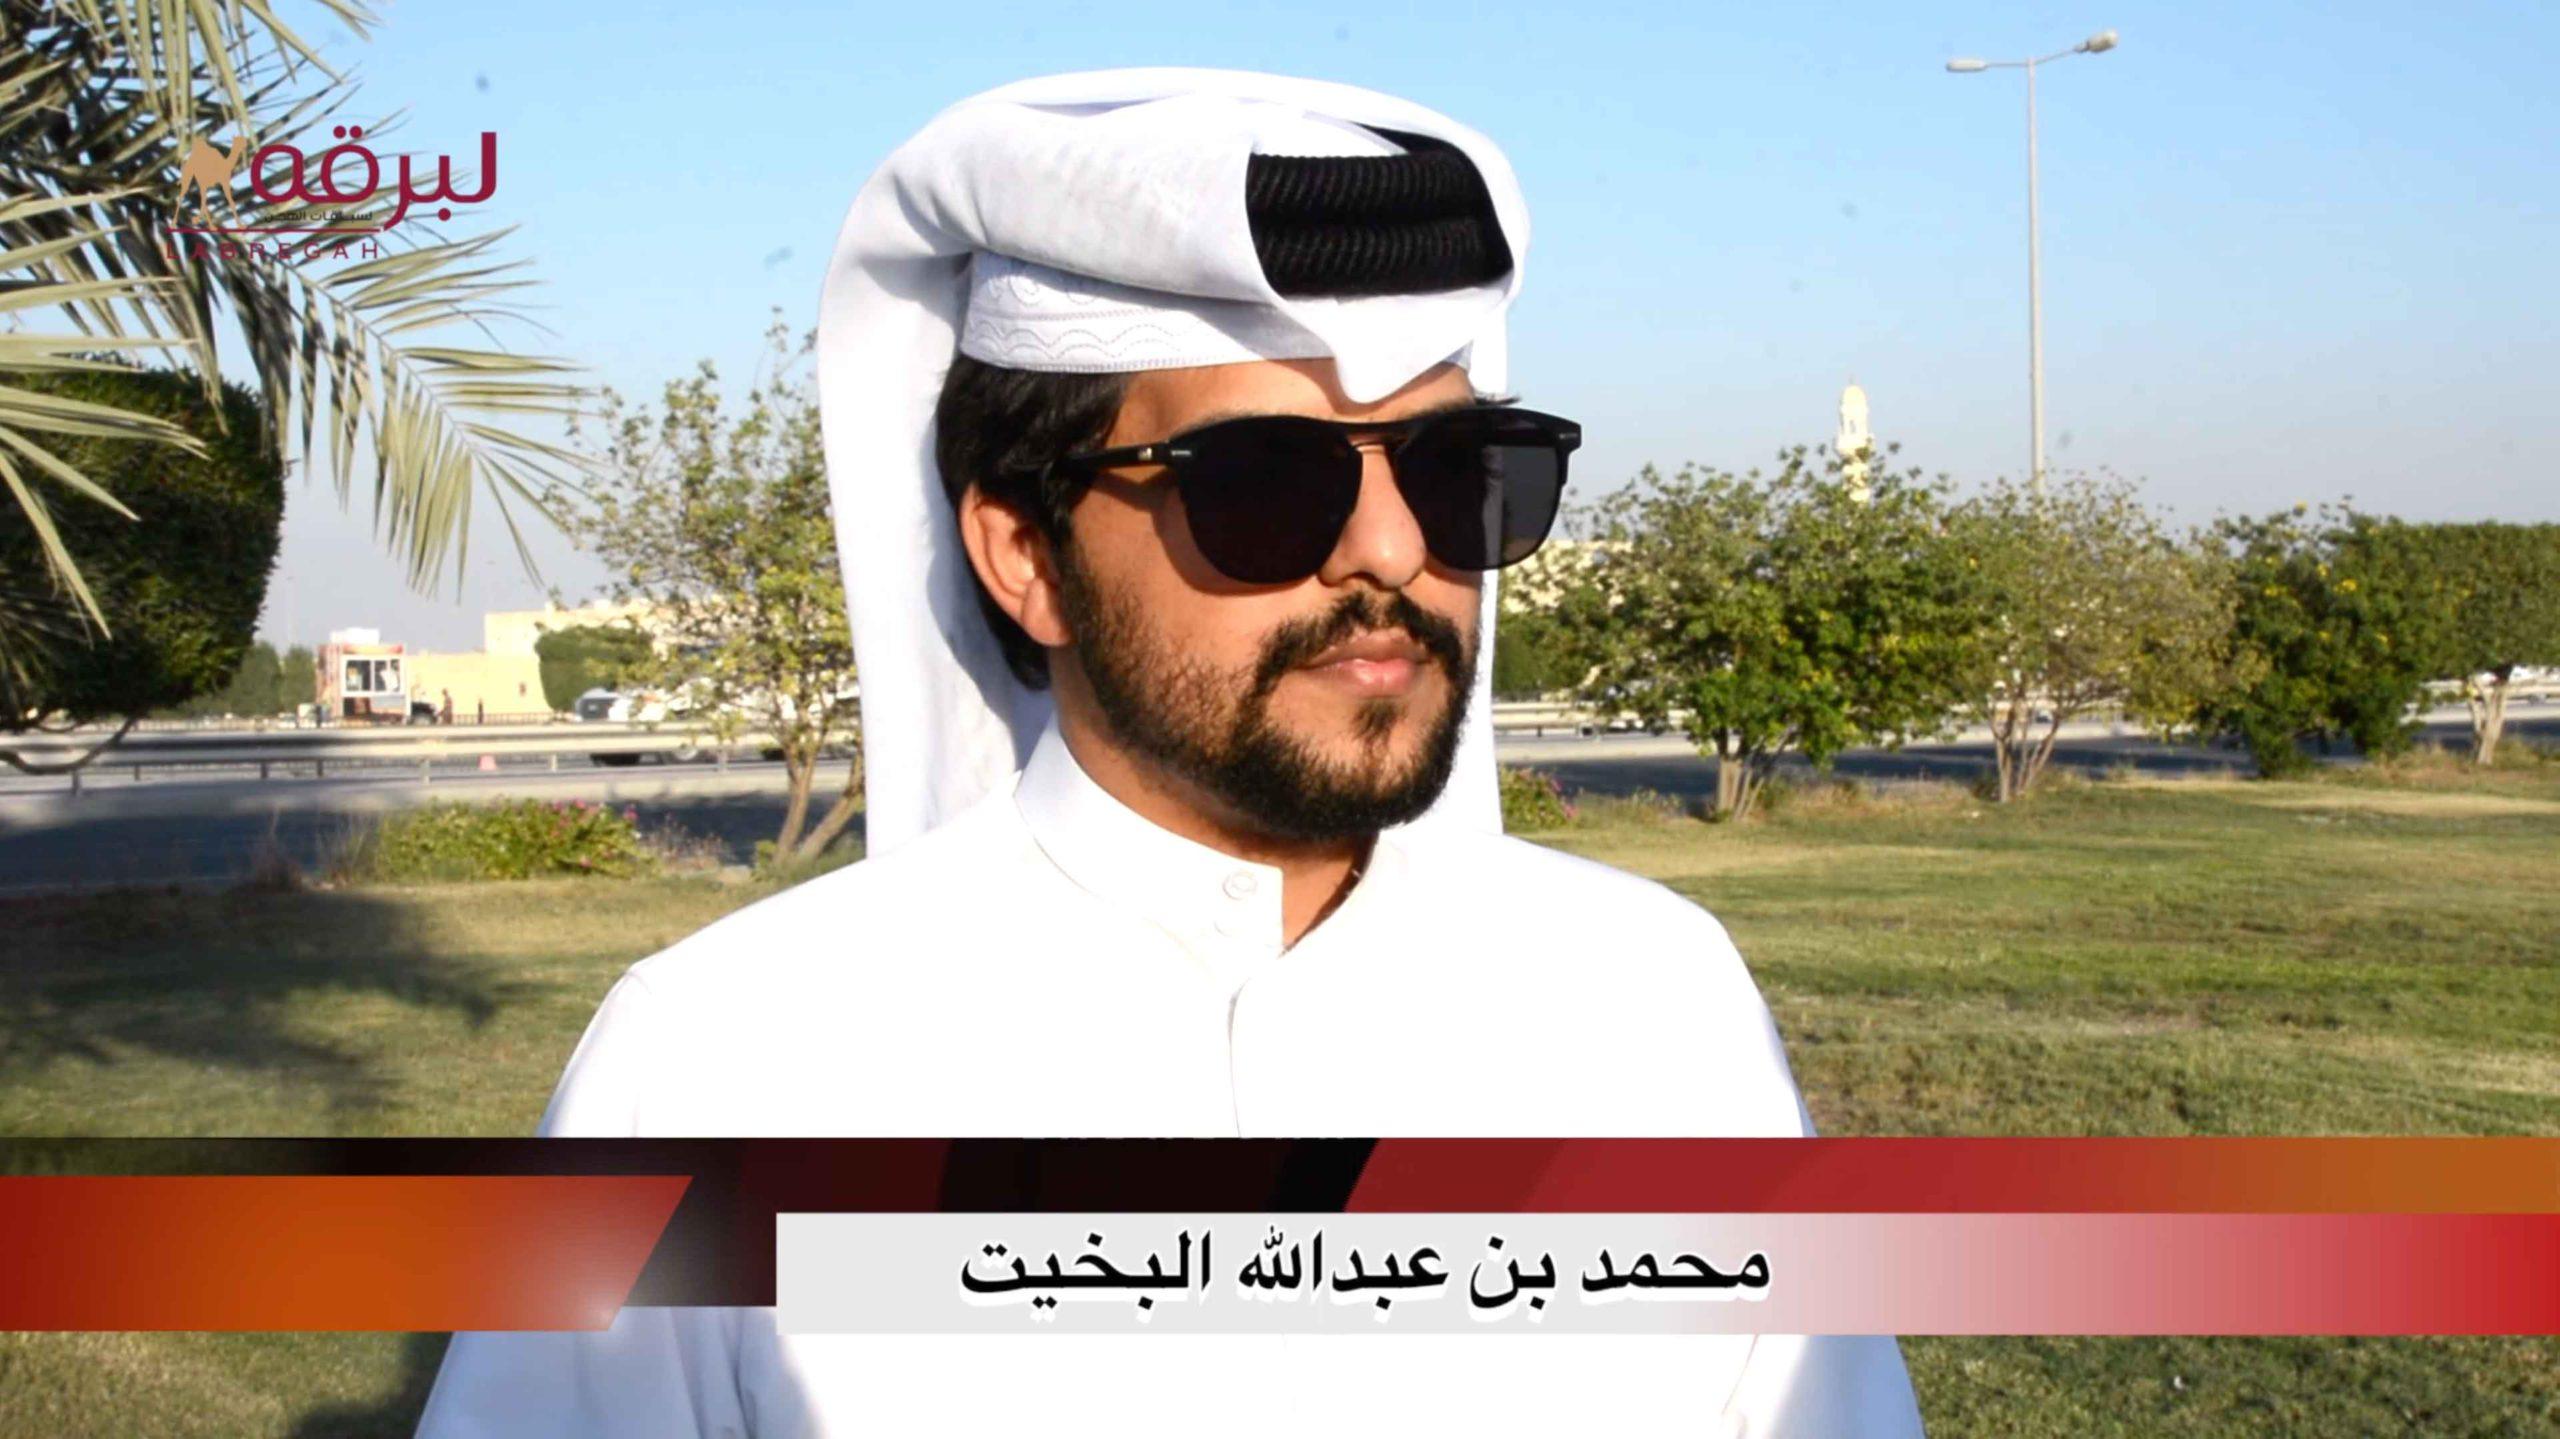 لقاء مع محمد بن عبدالله البخيت.. الشوط الرئيسي للحقايق بكار مفتوح الأشواط العامة مساء ٢٢-١٠-٢٠٢٠